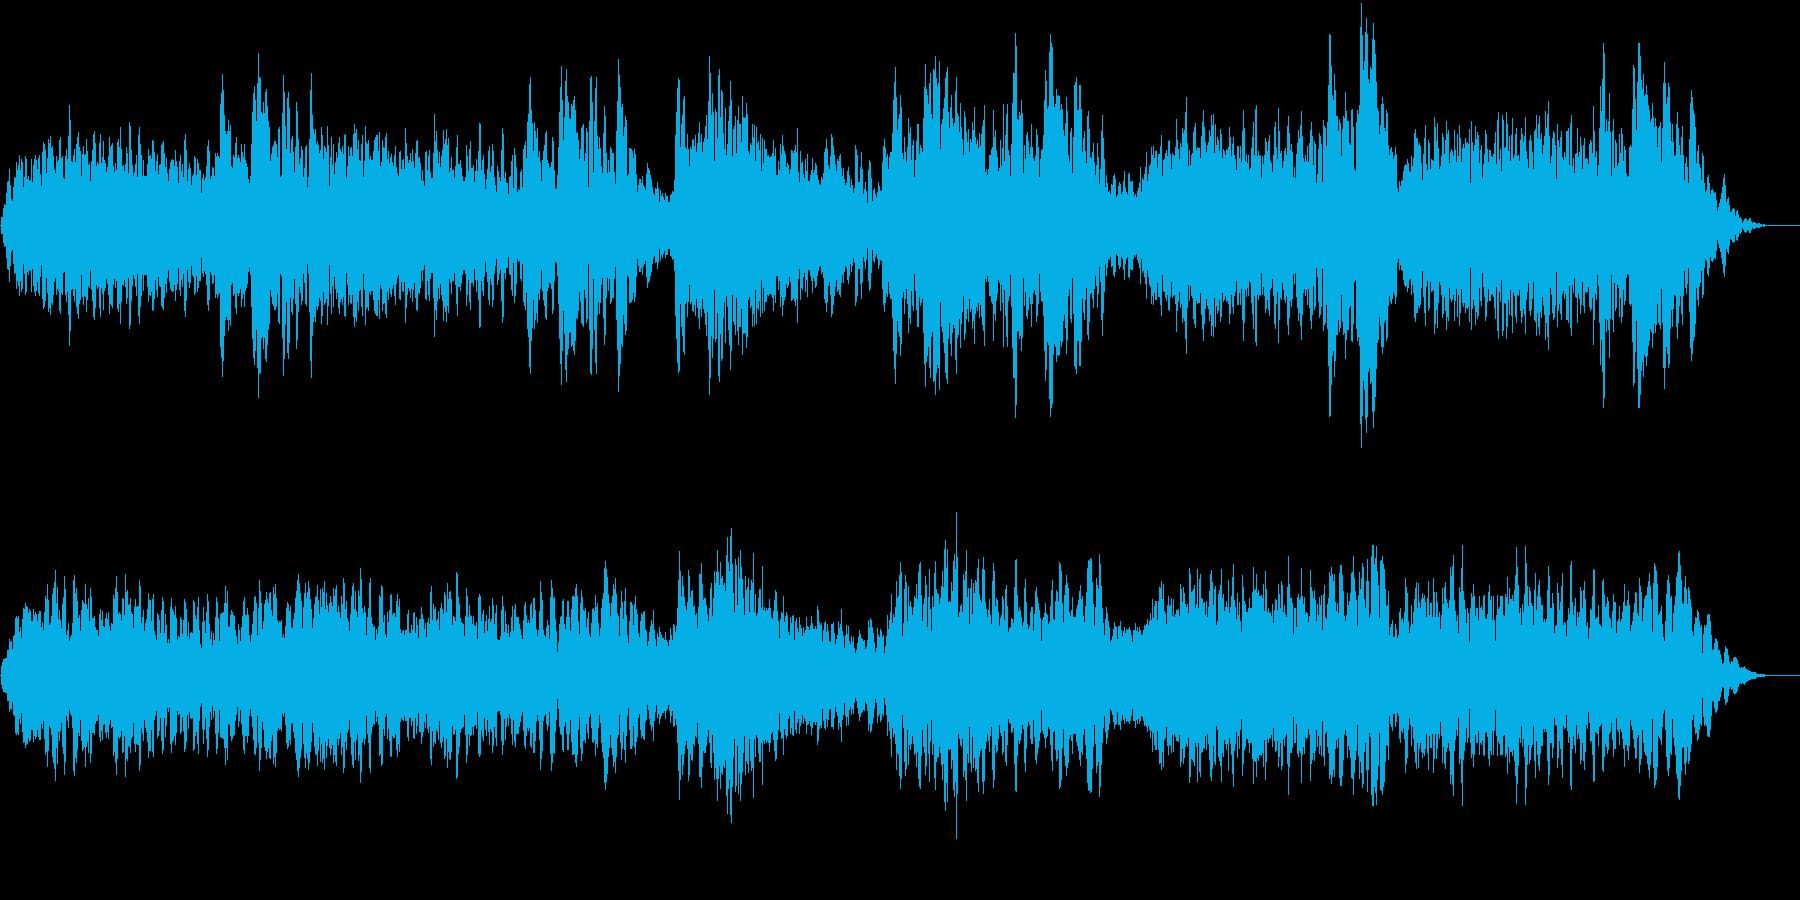 アンビエントな劇伴  の再生済みの波形